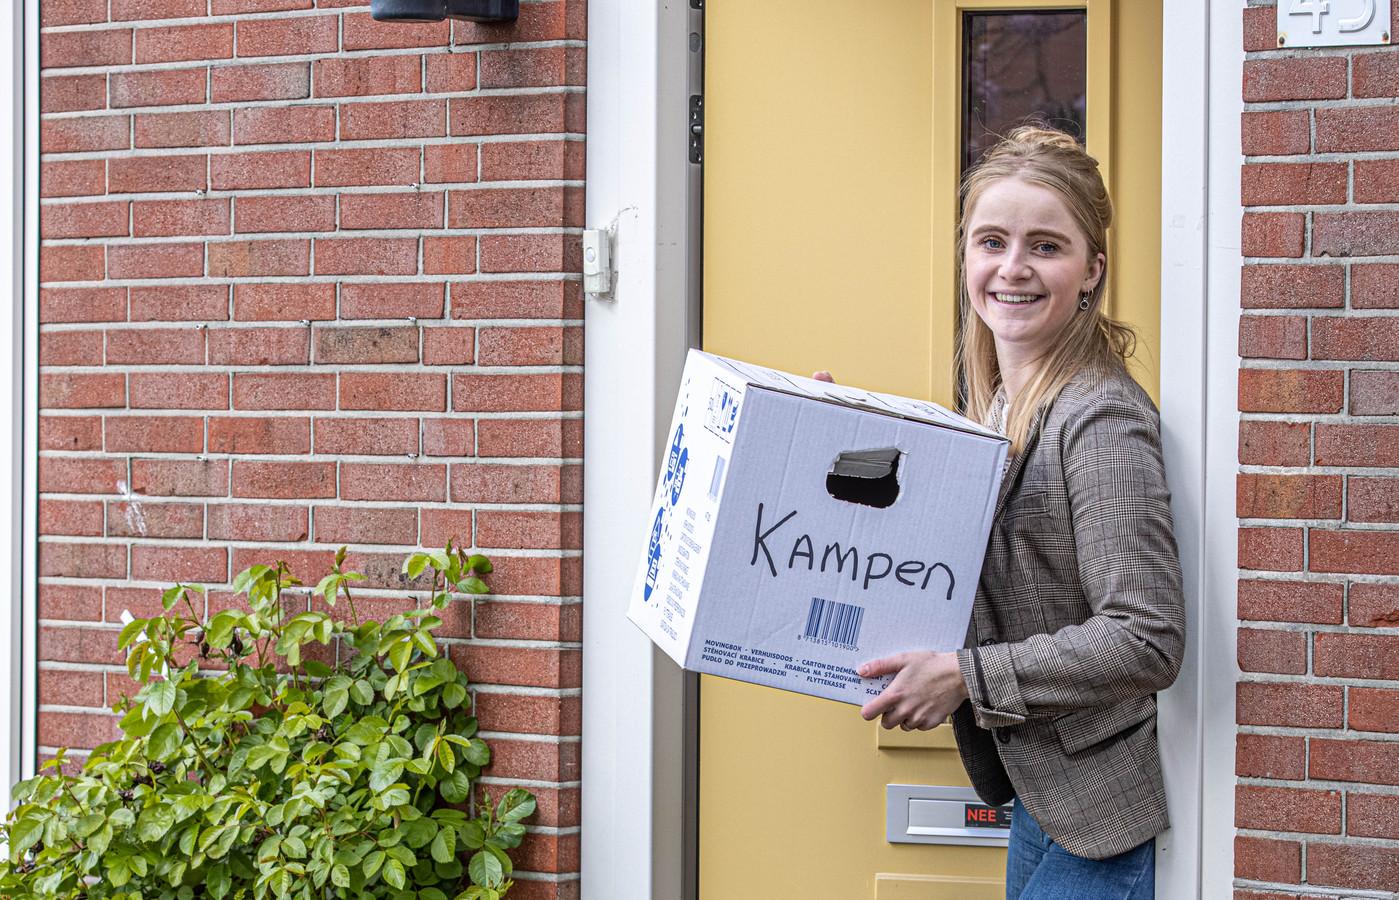 DS-20211-9075 Zwolle    Margriet Boersma vertrekt als CDA-raadslid. Ze verhuist naar Kampen.    Foto Frans Paalman Zwolle © 2021